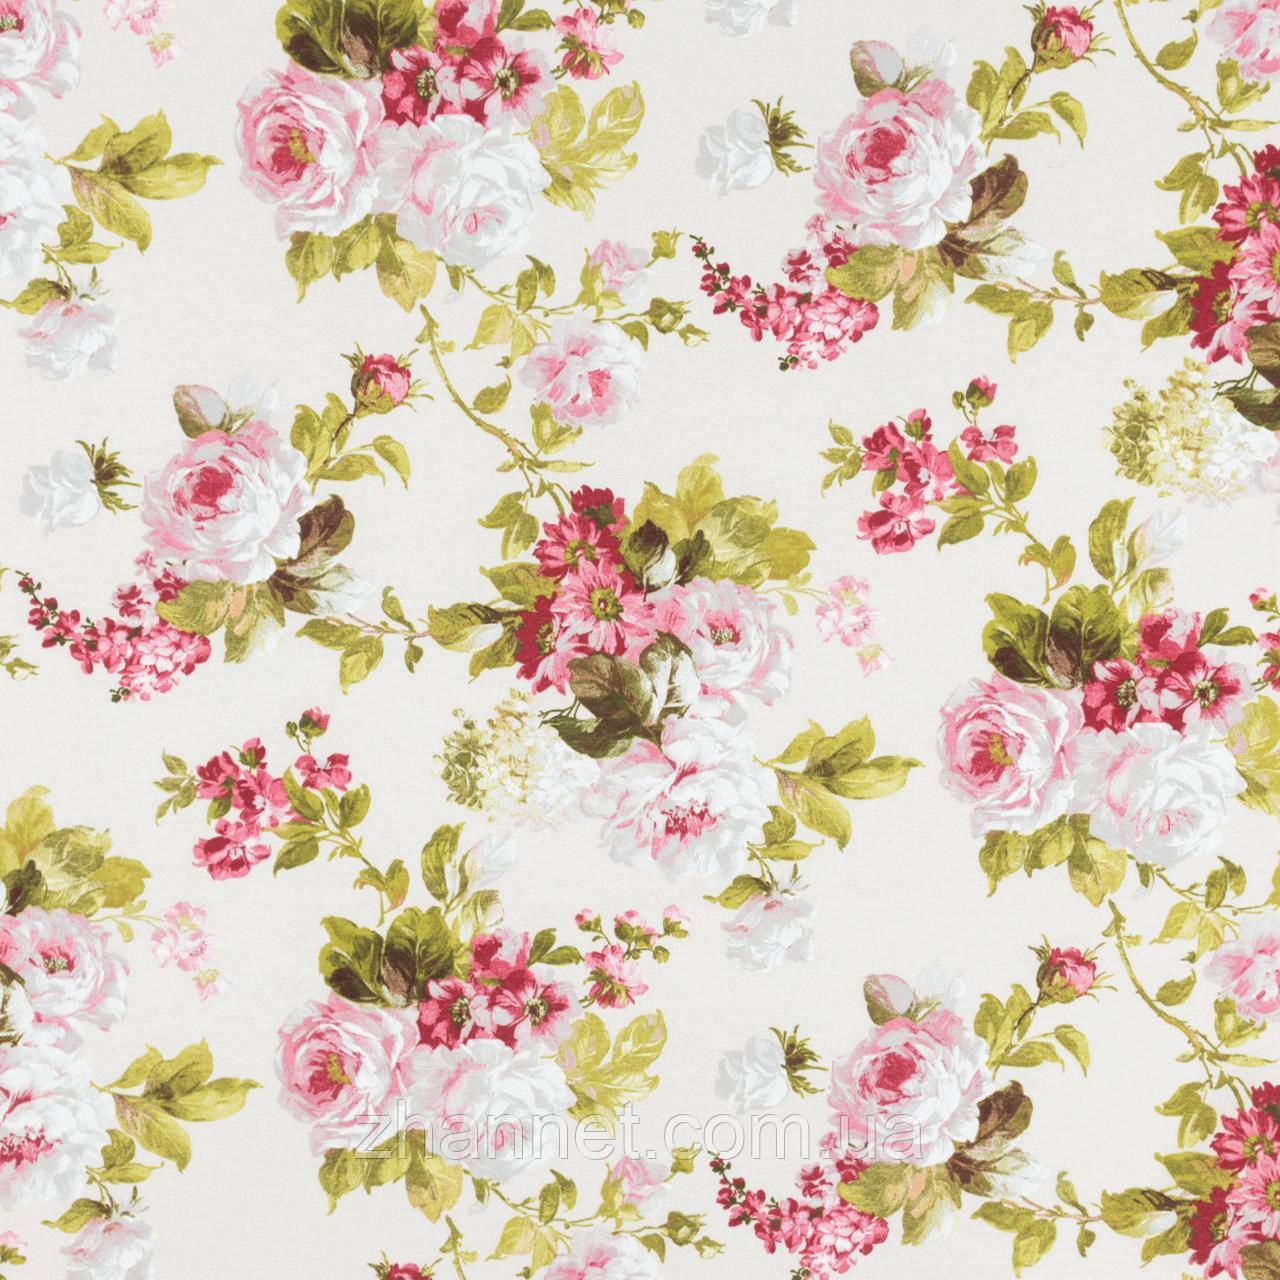 Ткань для штор Floral большие цветы молочный (471161)